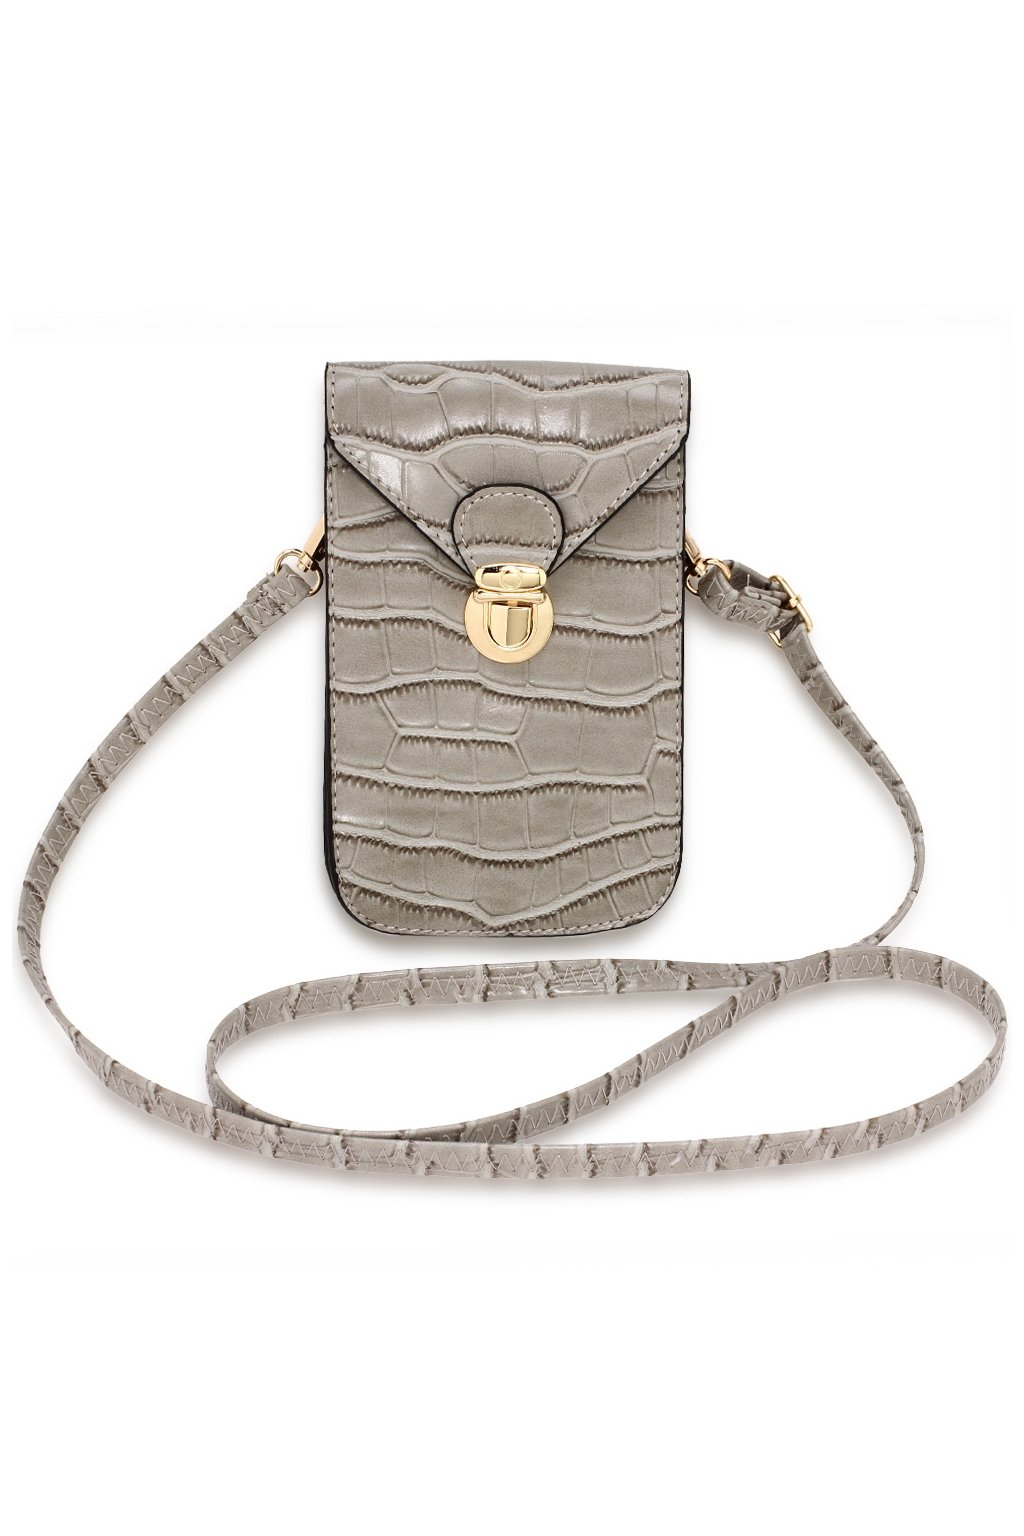 Crossbody kabelka sivá Phoebe AG00642